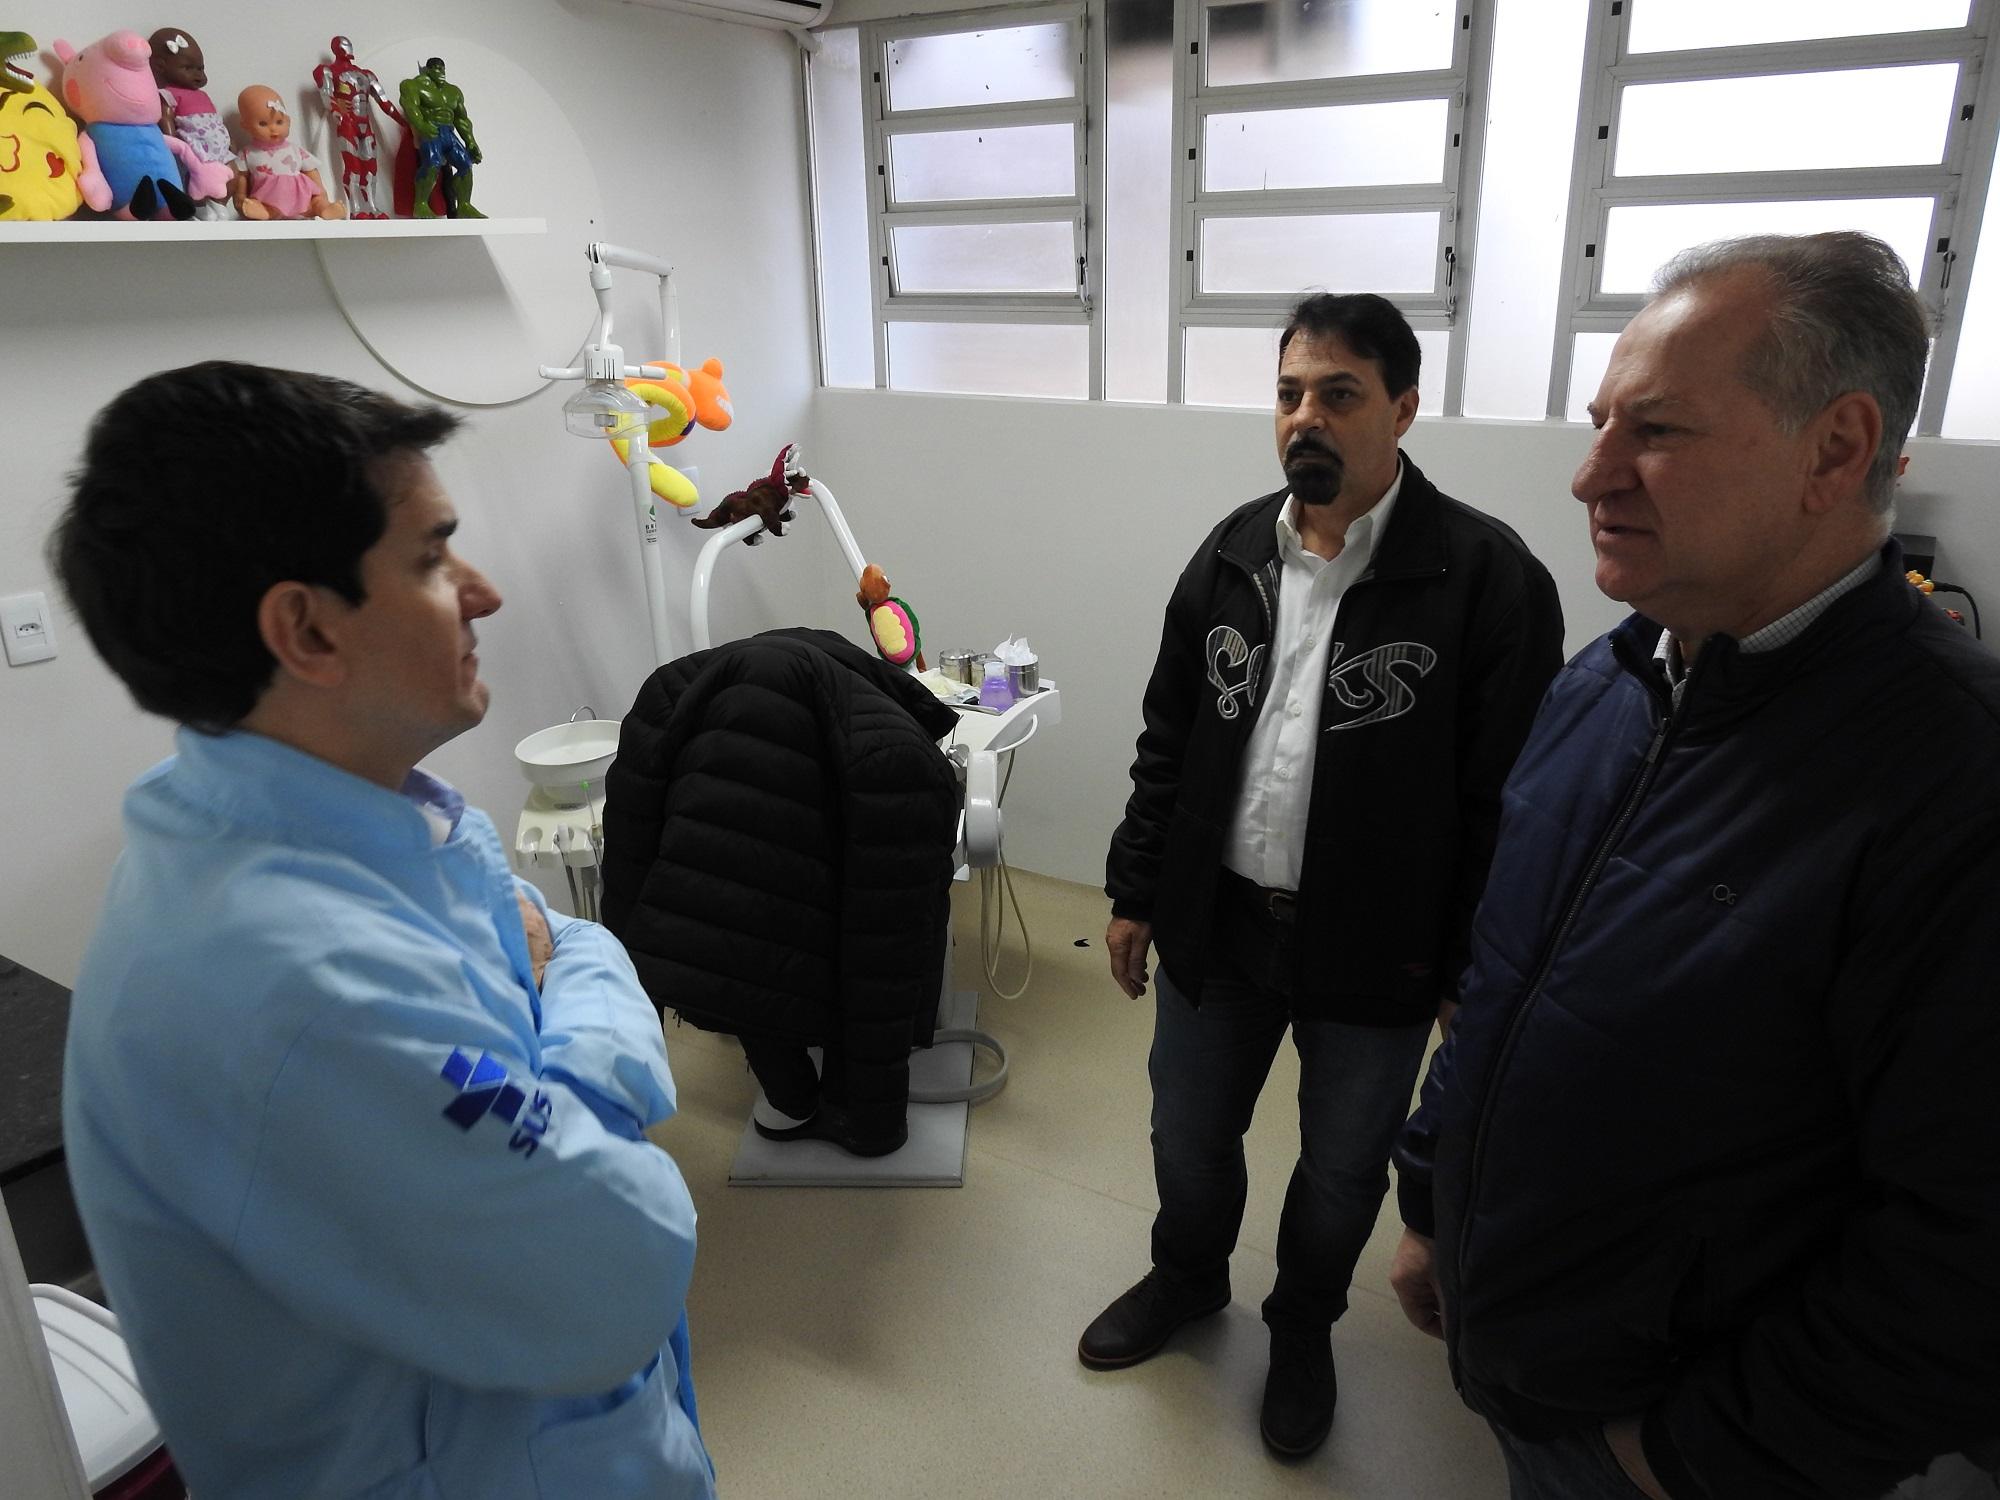 PAM e CEO passam para a Unidade Central de Saúde